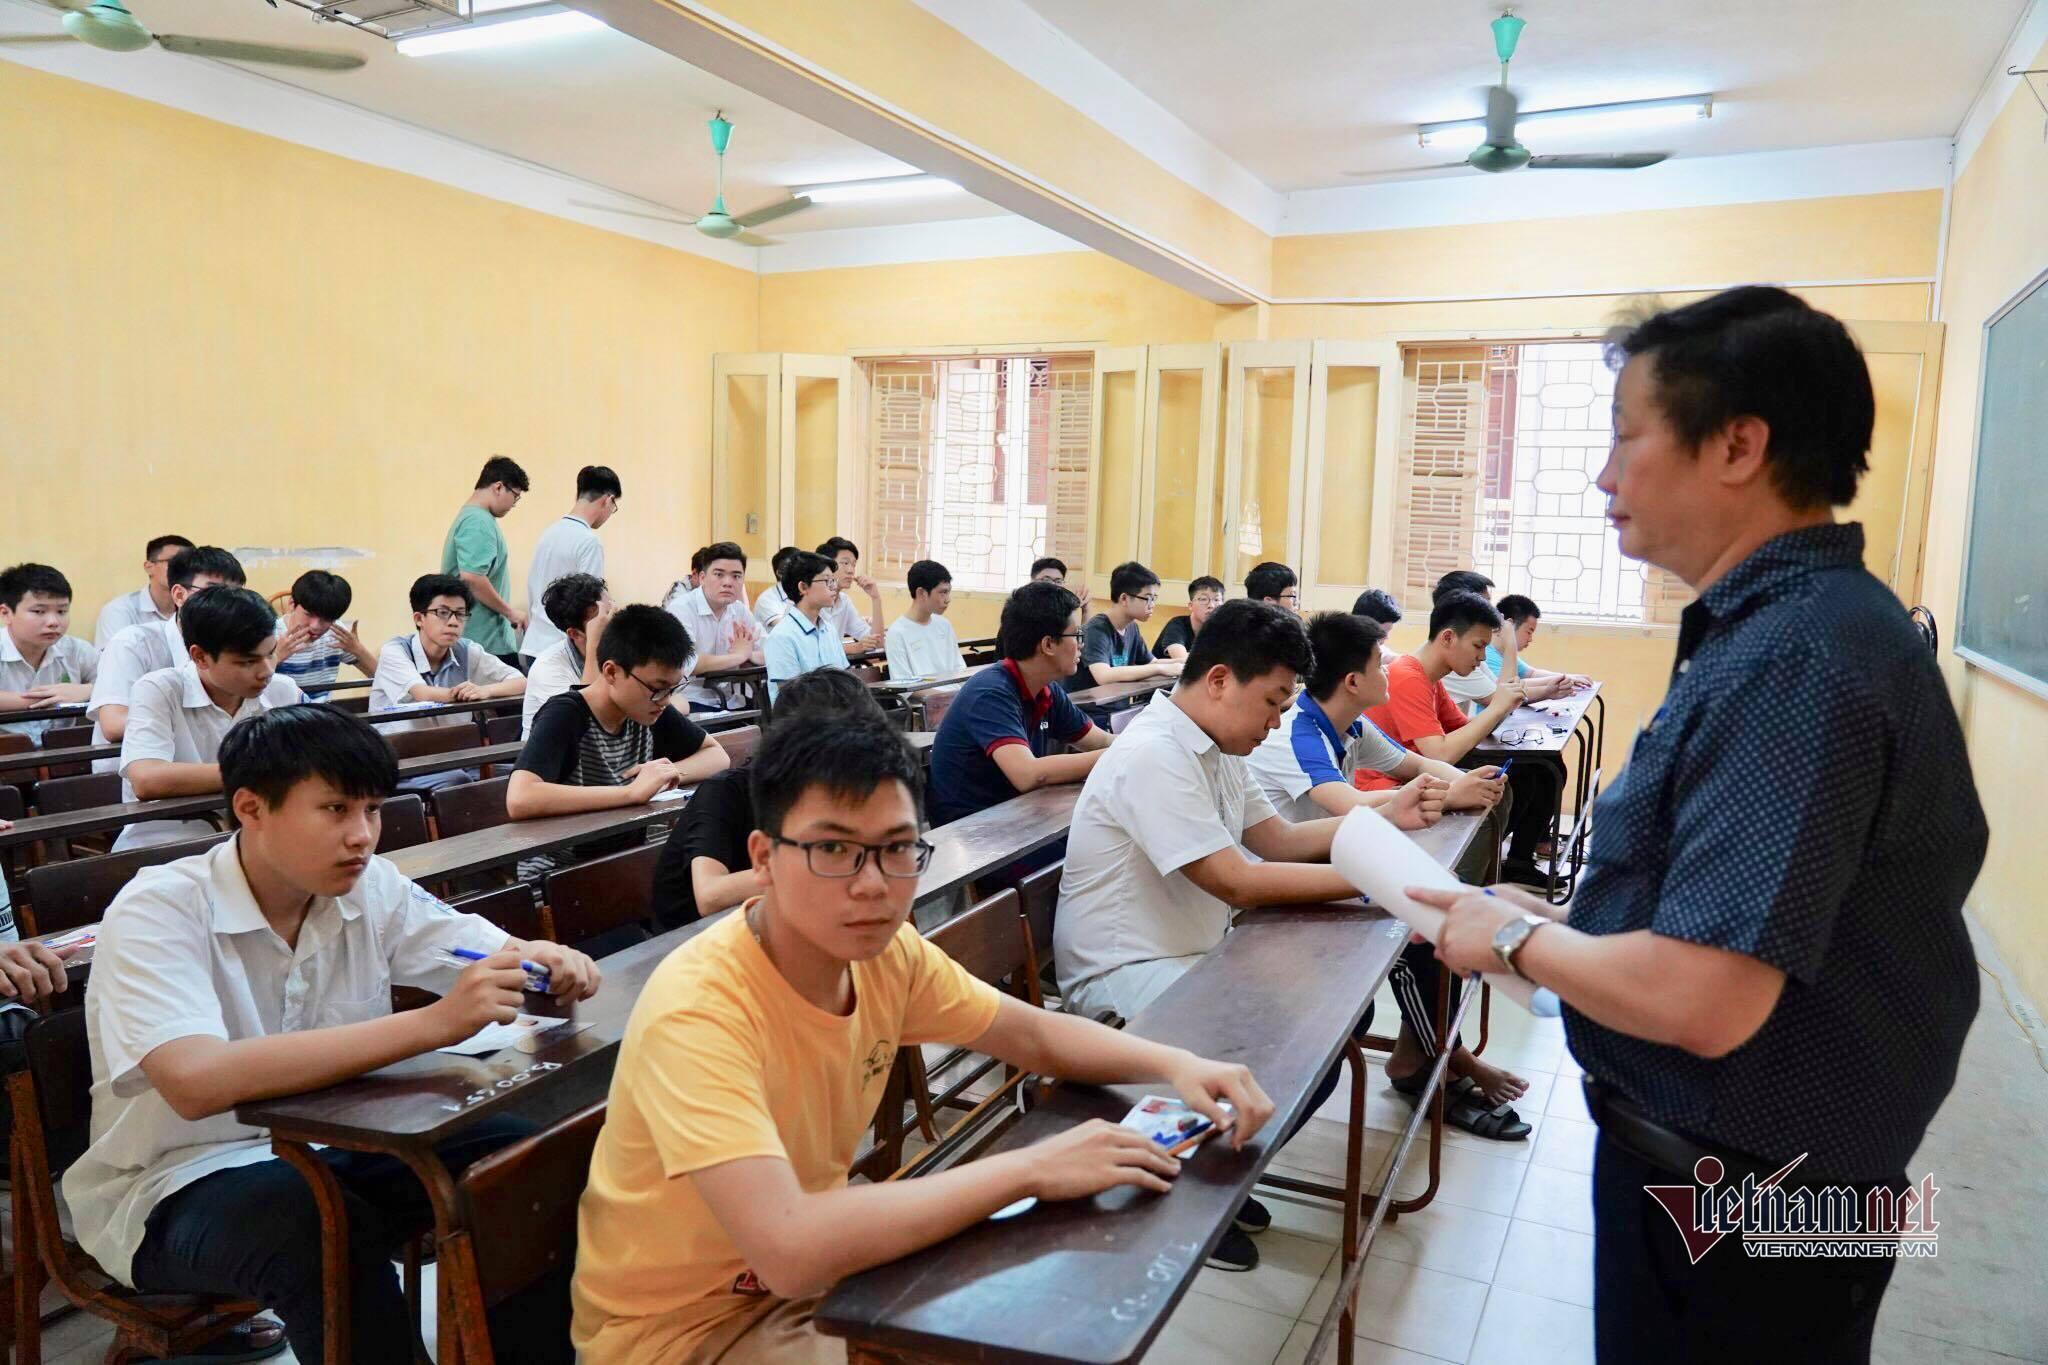 Hơn 3.500 thí sinh trong cuộc đua giành suất vào 2 trường chuyên ở Hà Nội